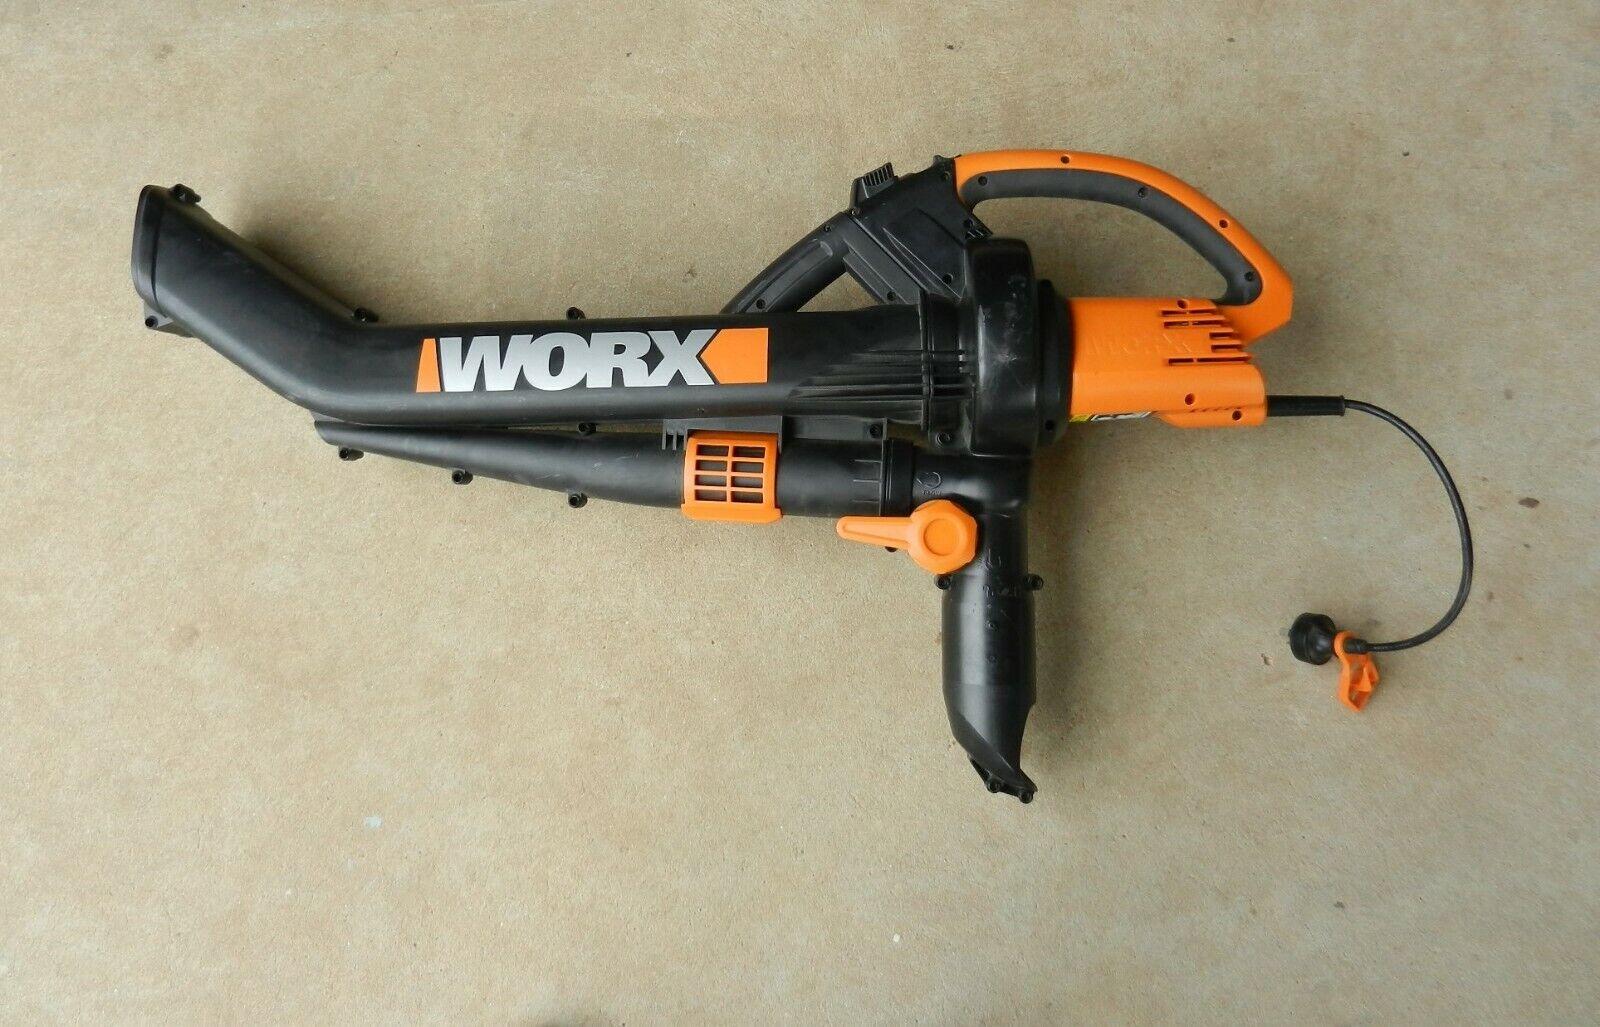 Soplador, Vacío & Desbrozadora Worx WG500E 2500W 3 en 1 eléctrico